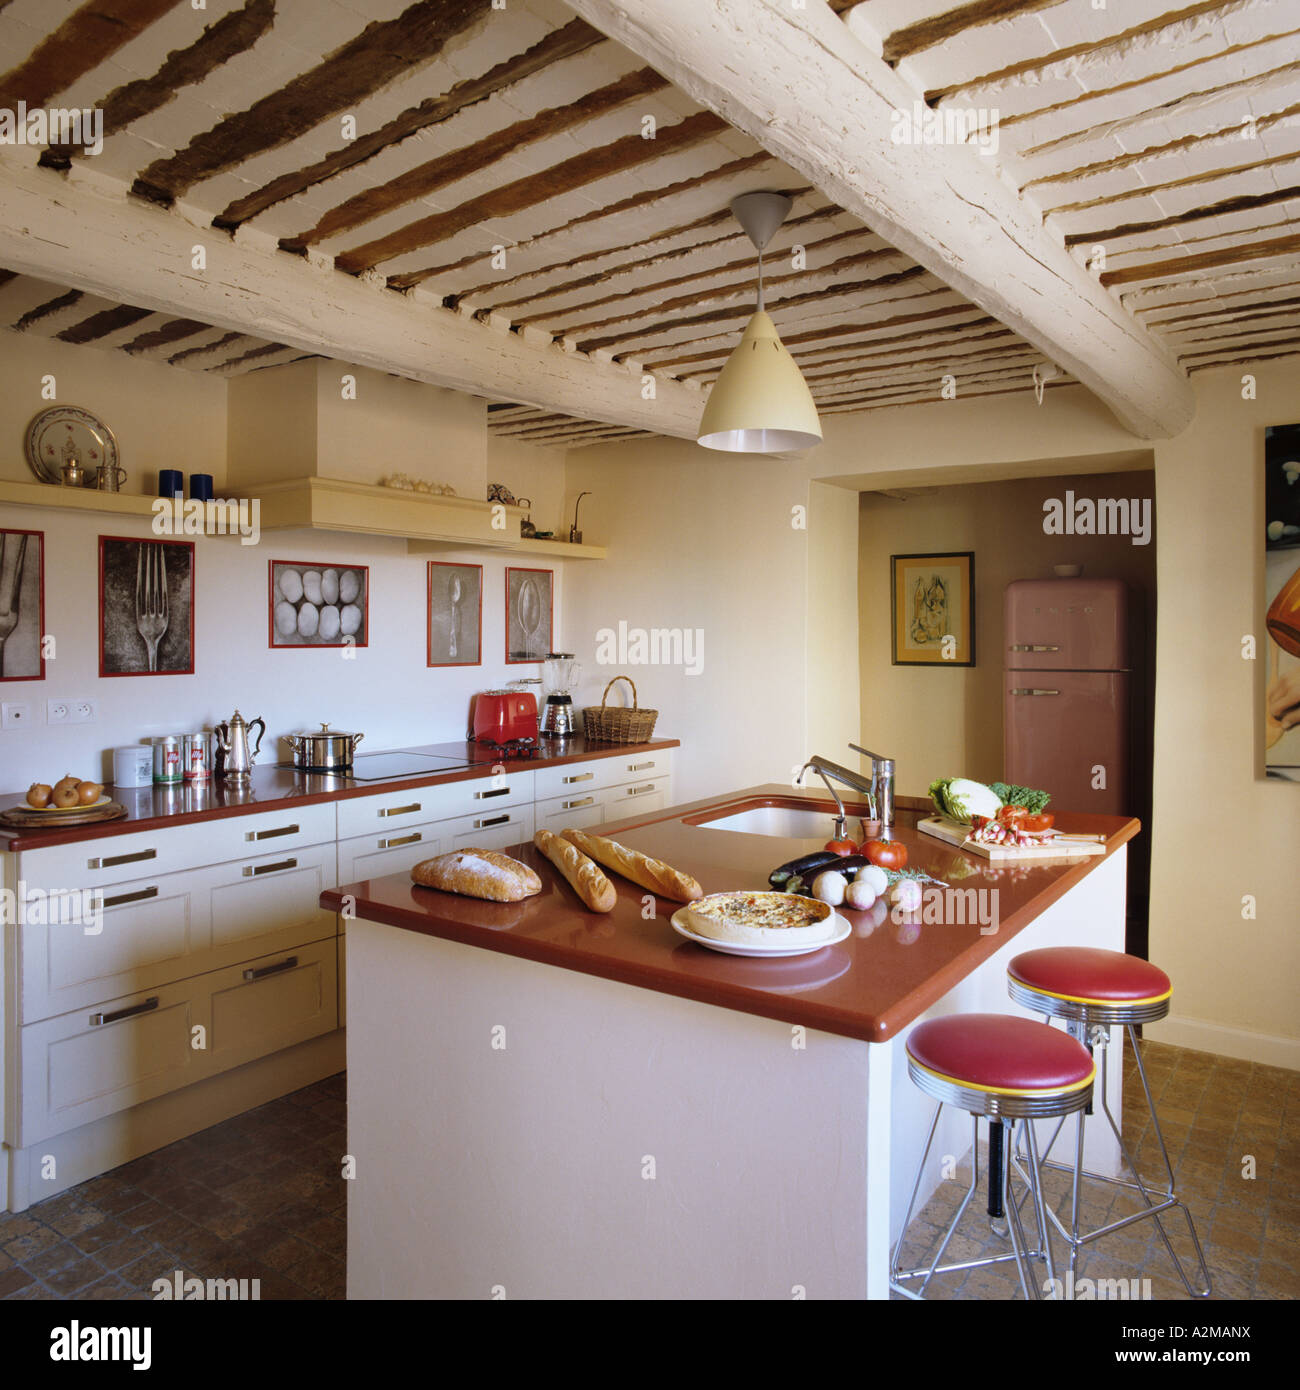 Barhocker bei Kücheninsel in Raum mit Balkendecke Stockfoto, Bild ...